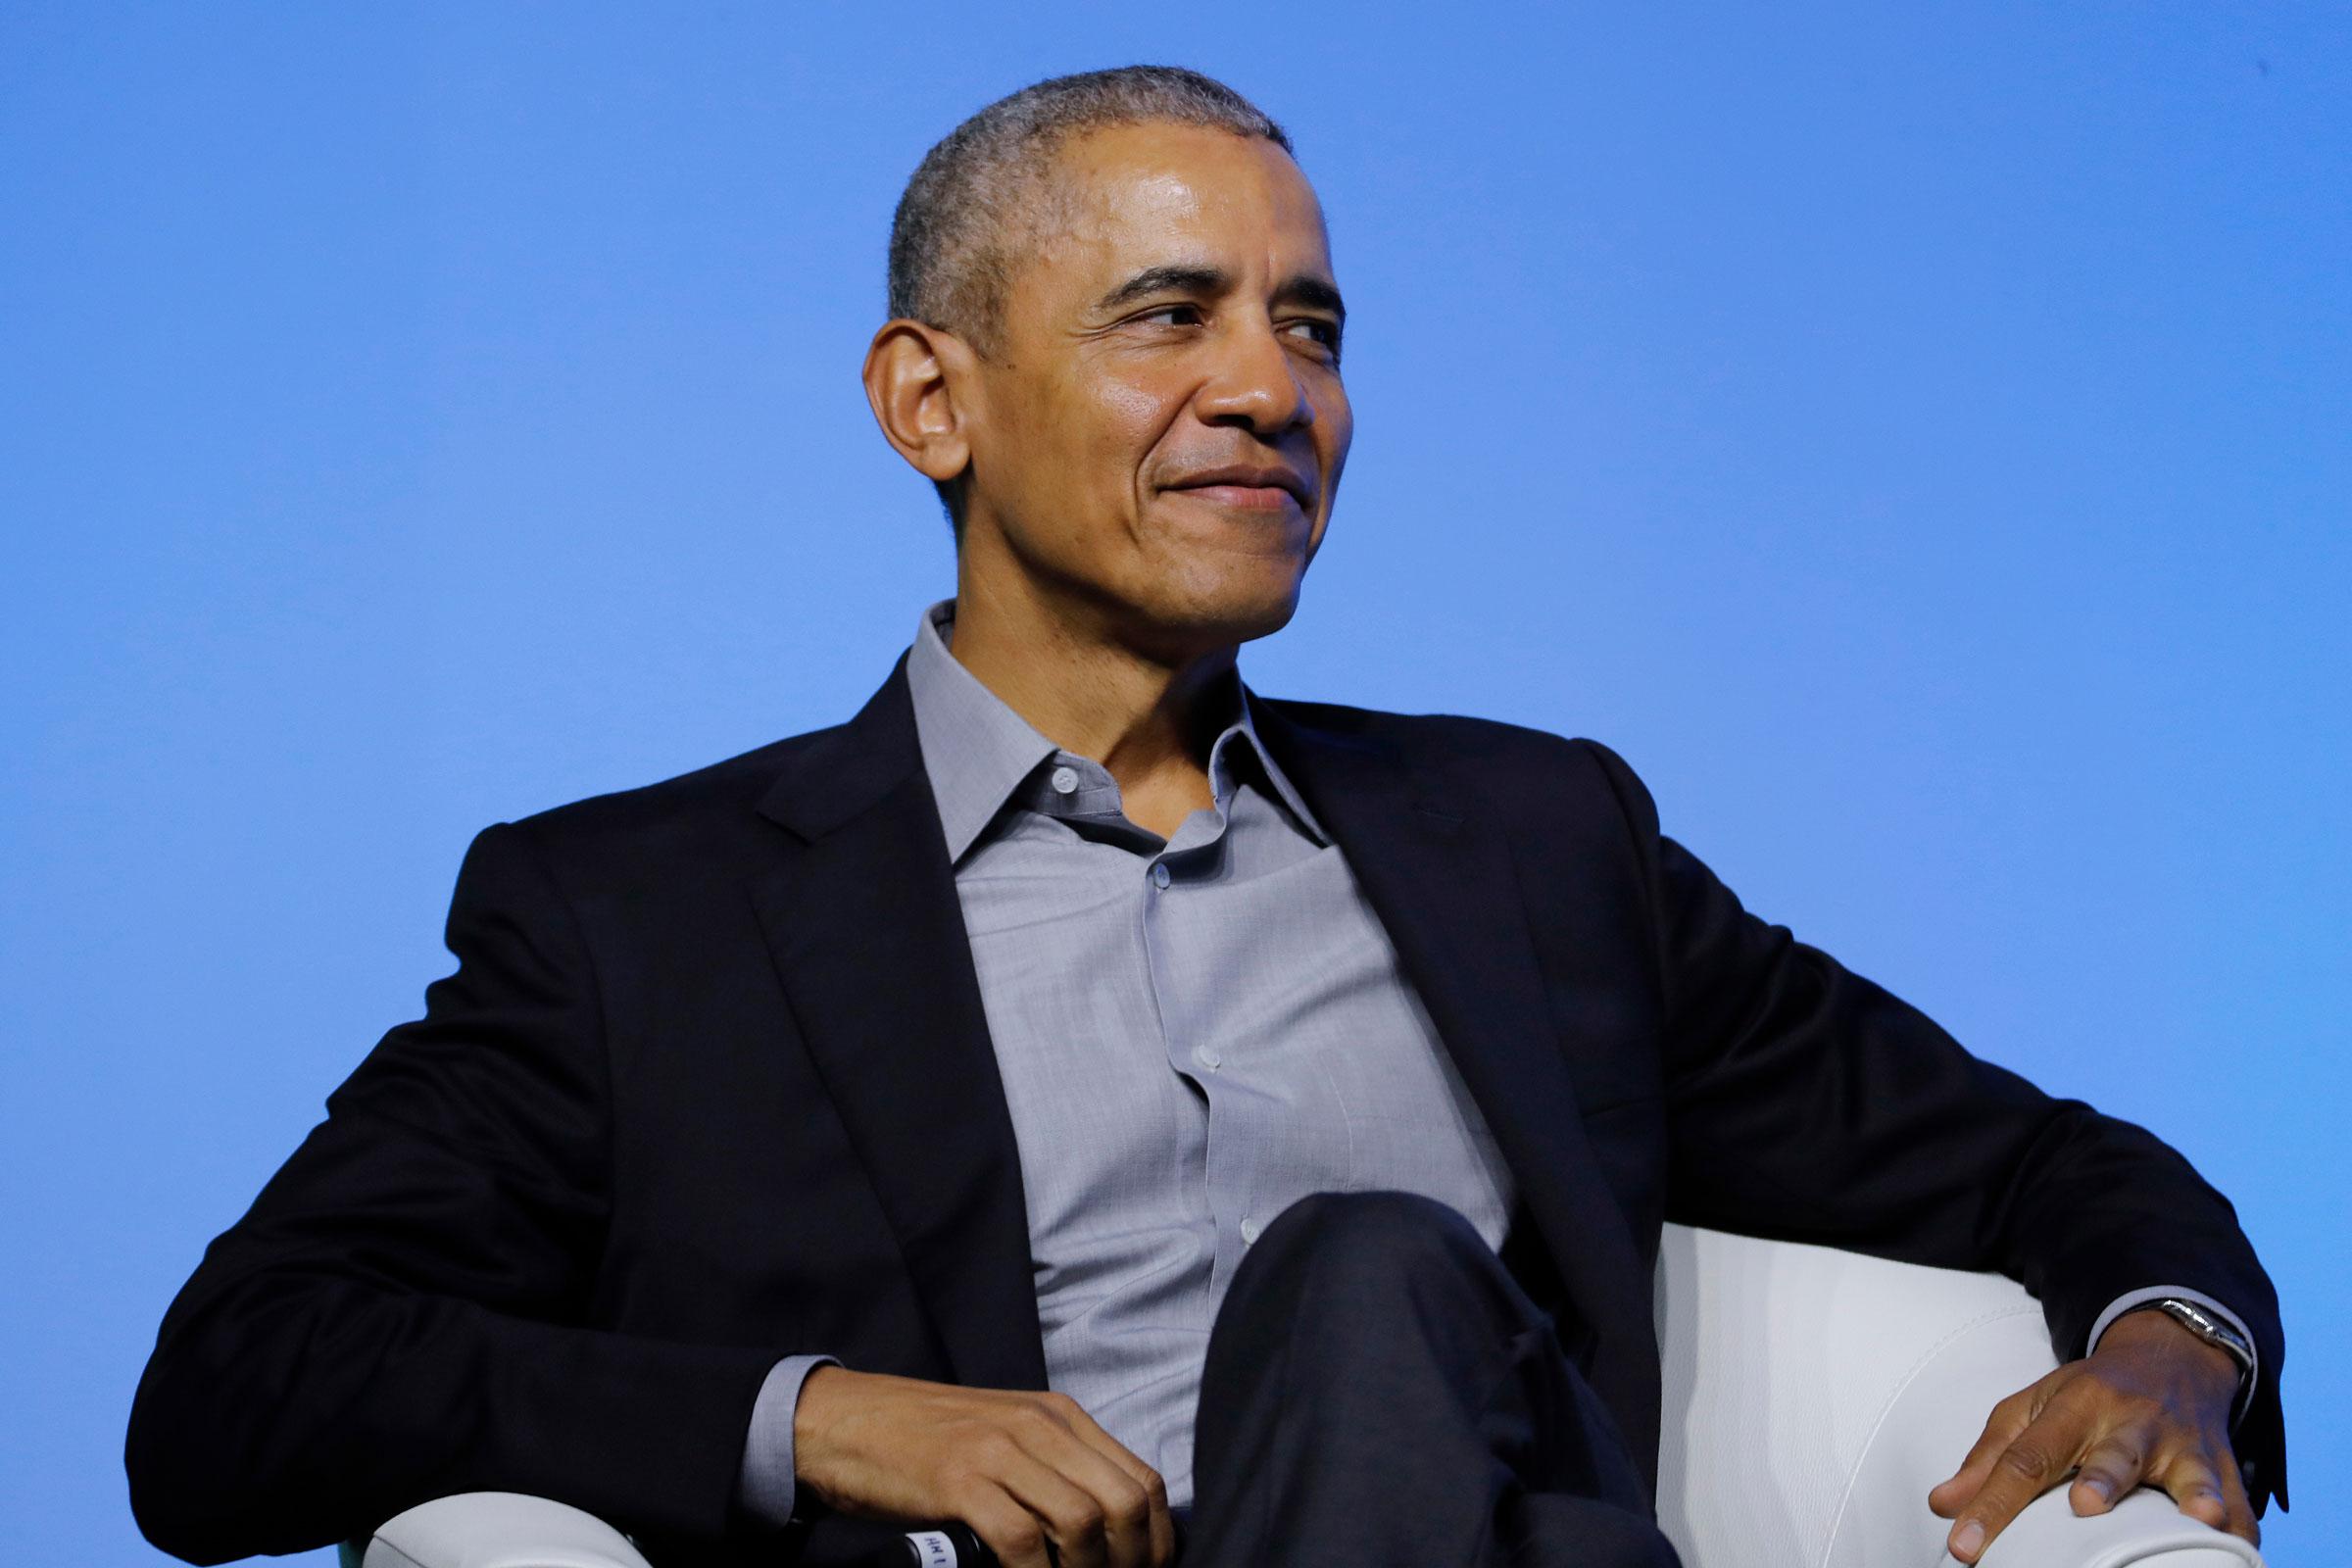 Barack Obama's Best-Of 2019 Playlist Boasts Beyoncé, Bruce Springsteen, Rosalía - EpicNews